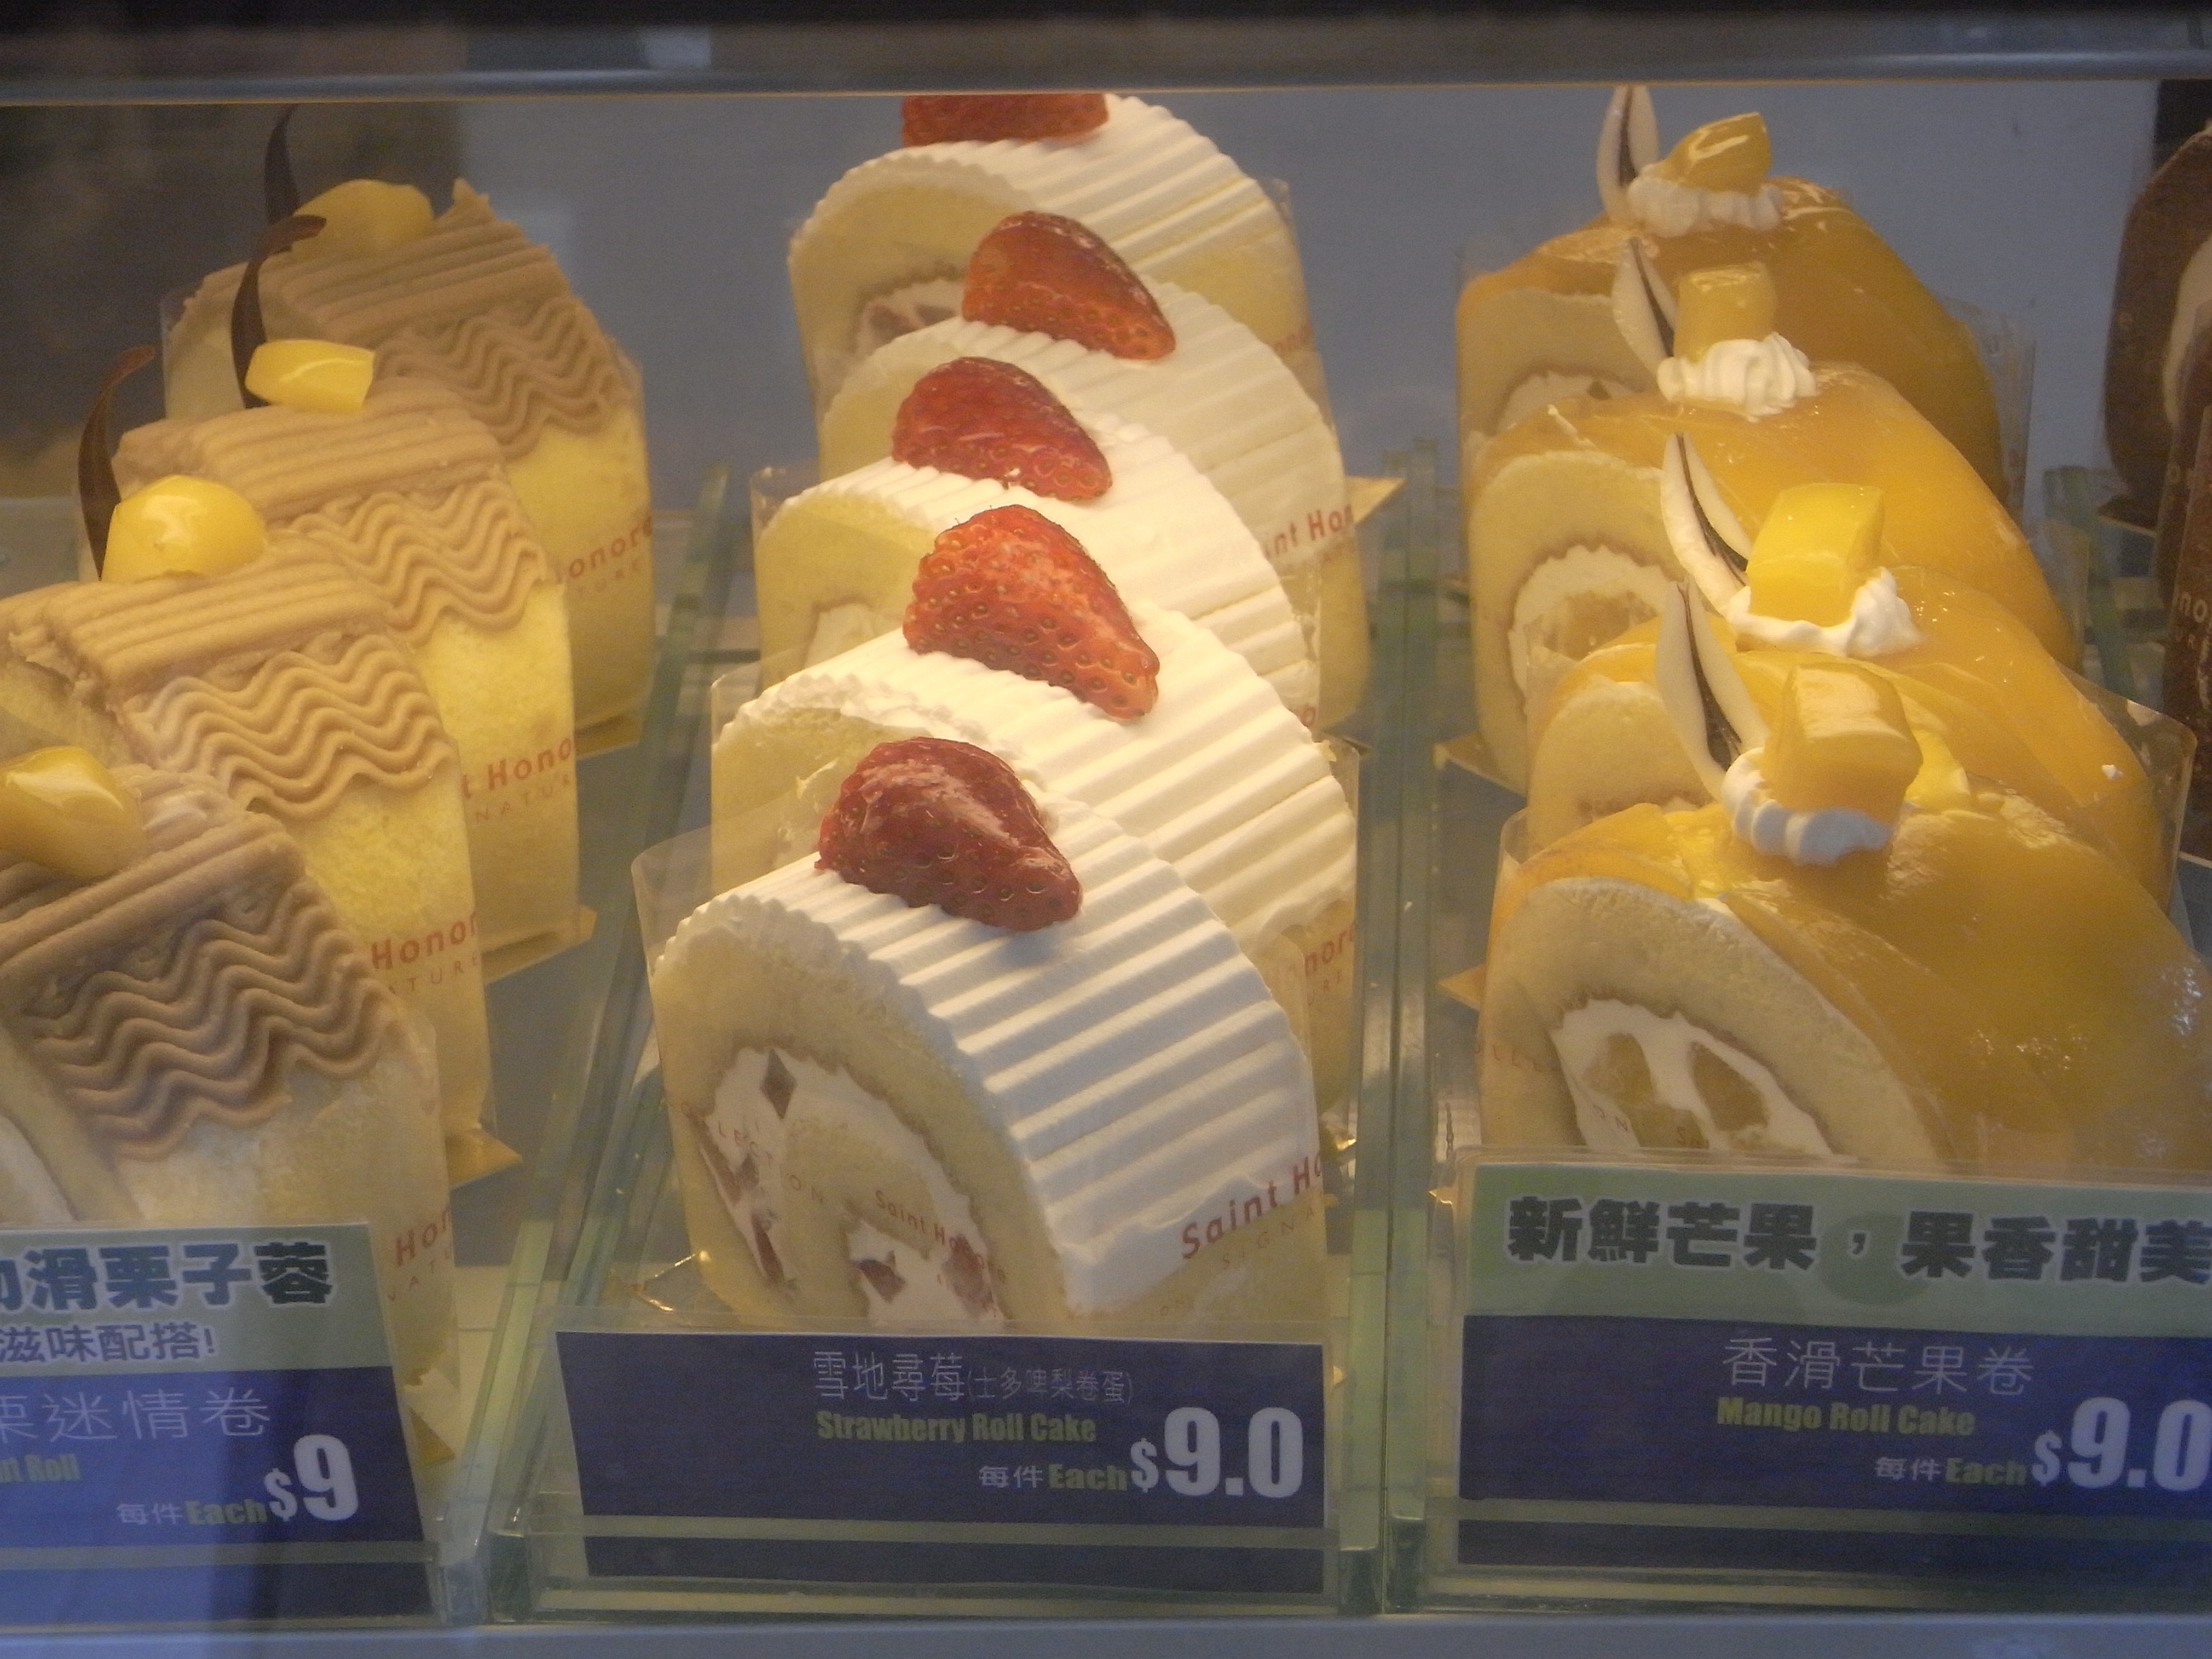 Sheung Wan Cake Shop